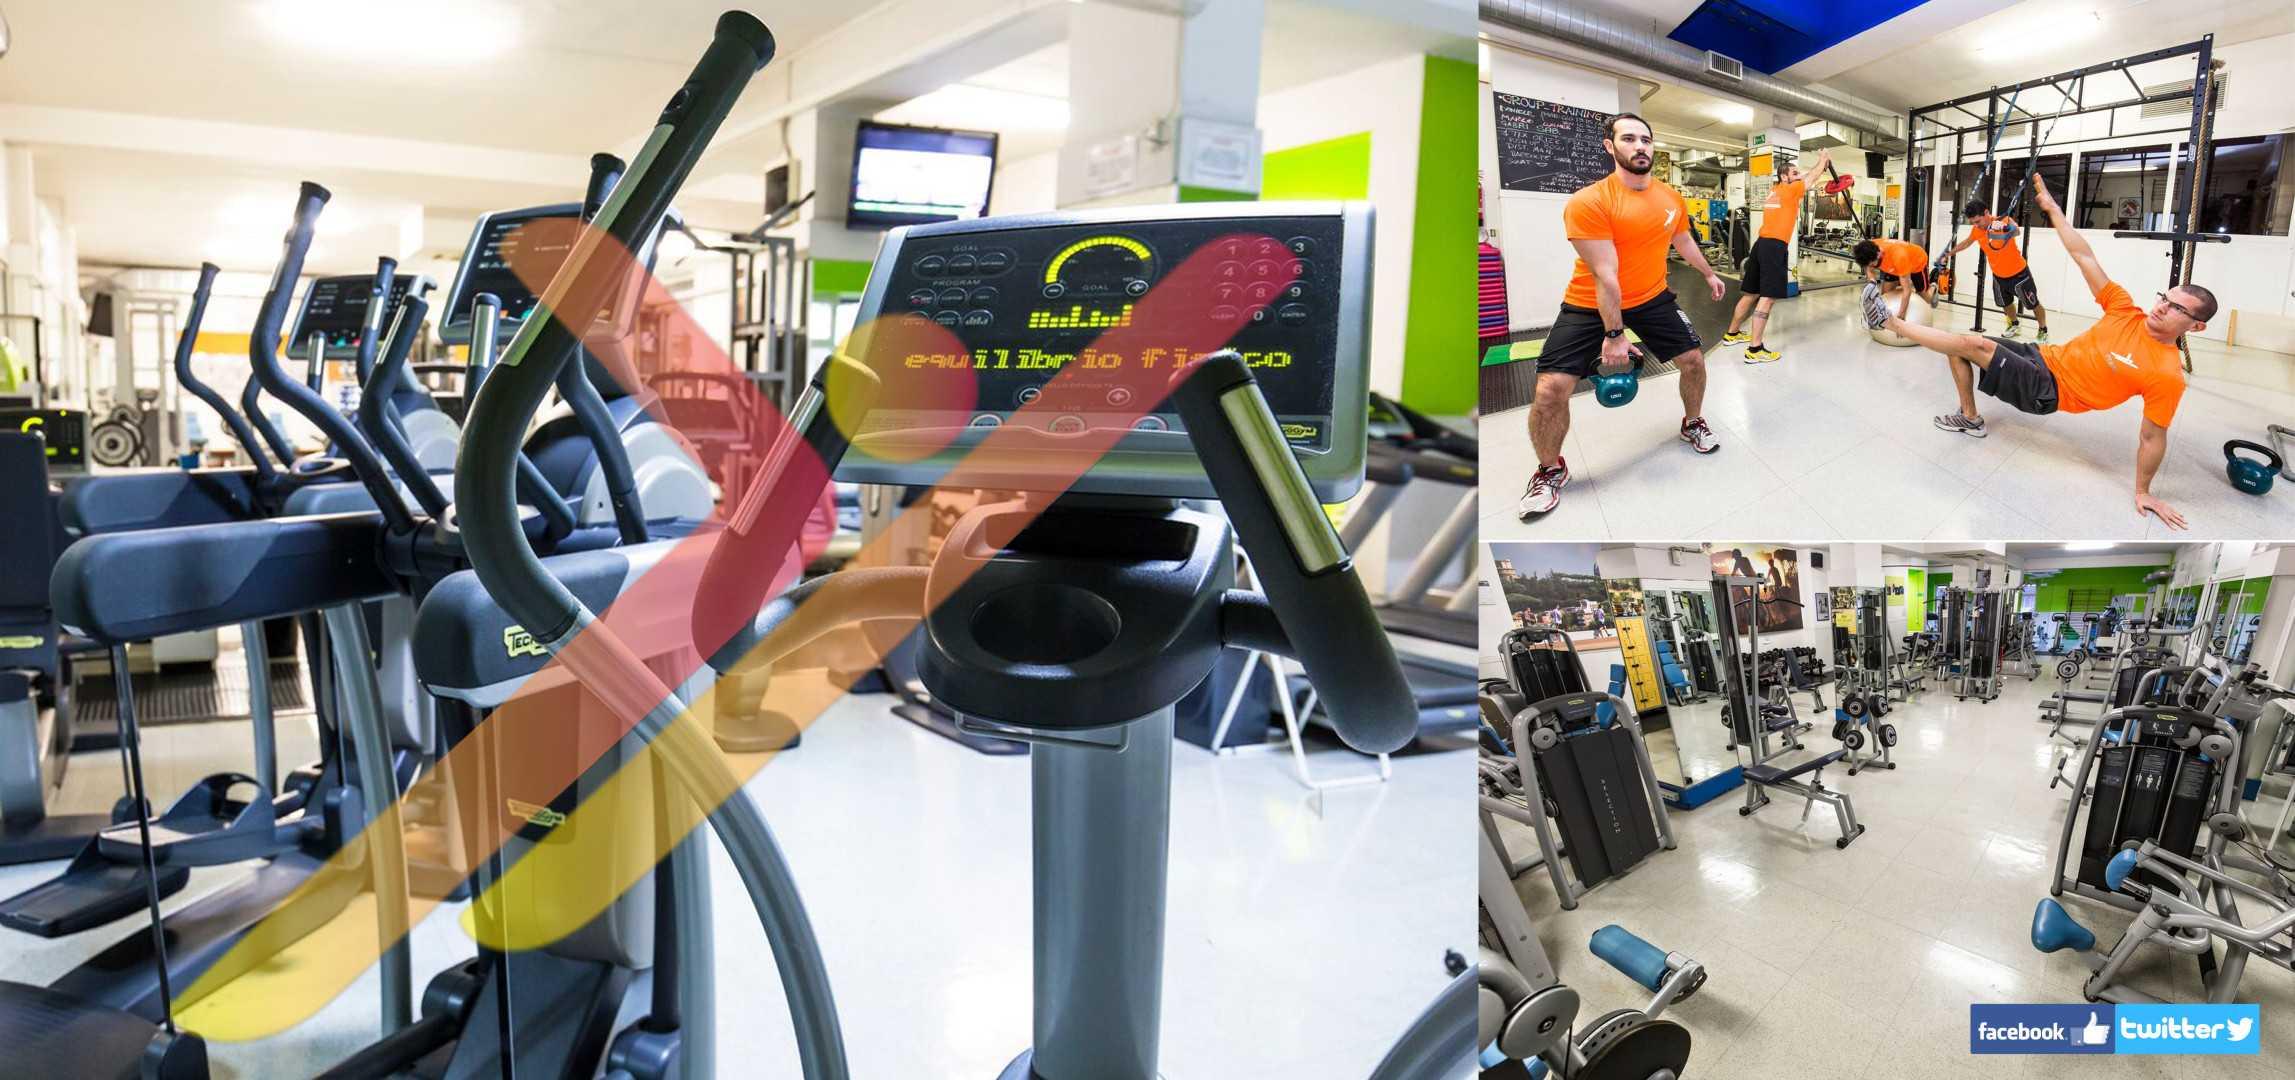 Home page Gymcentersc